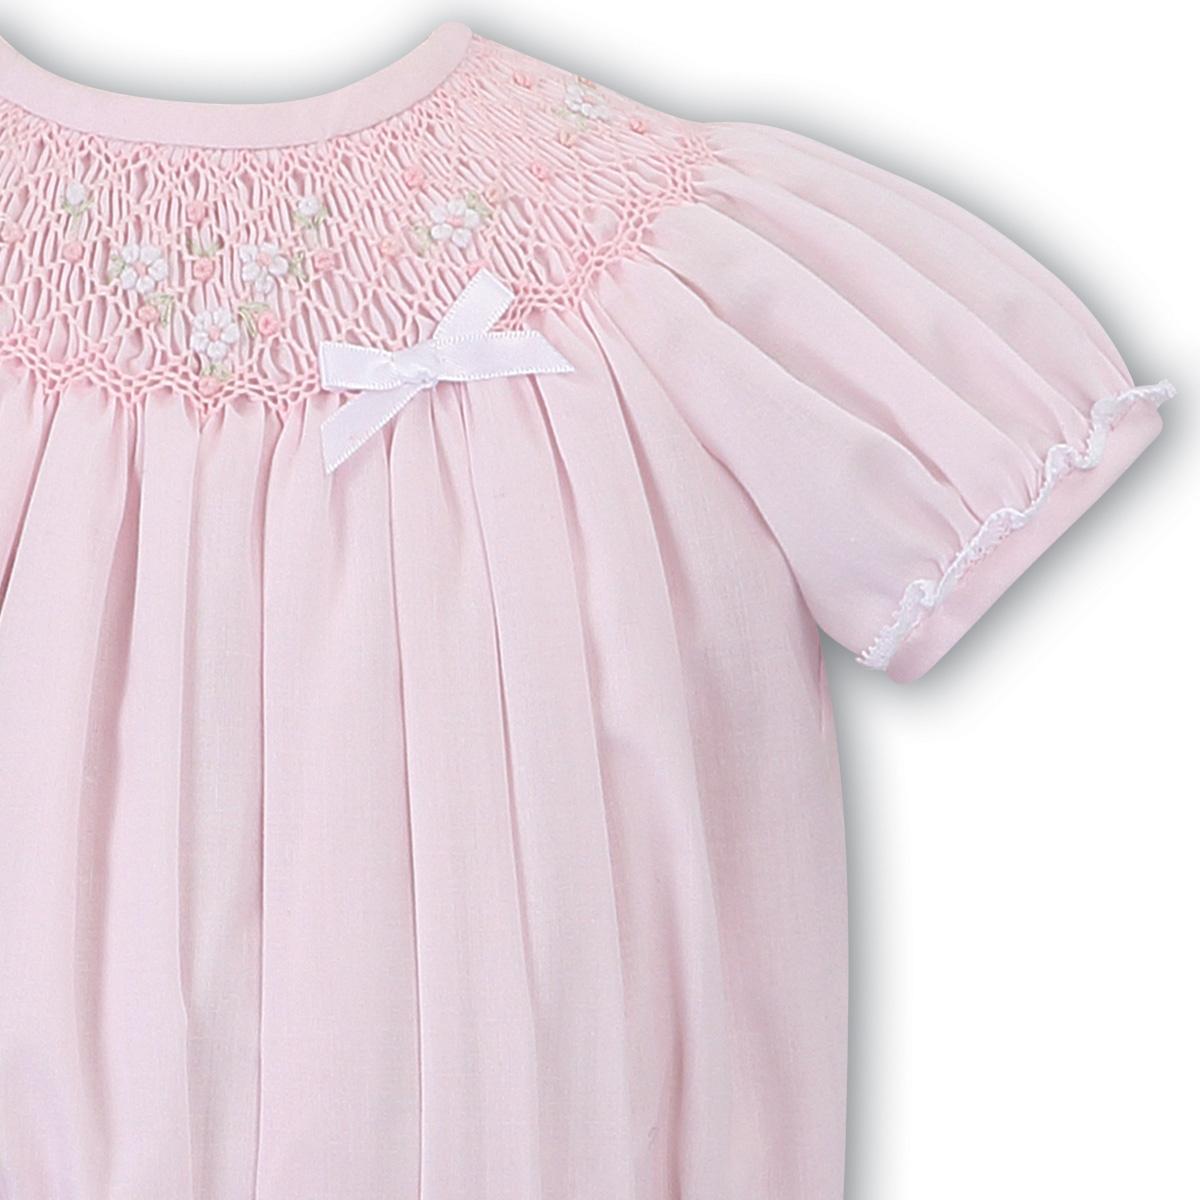 Sarah Louise Sarah Louise 011632 Pink Smocked Bubble Romper